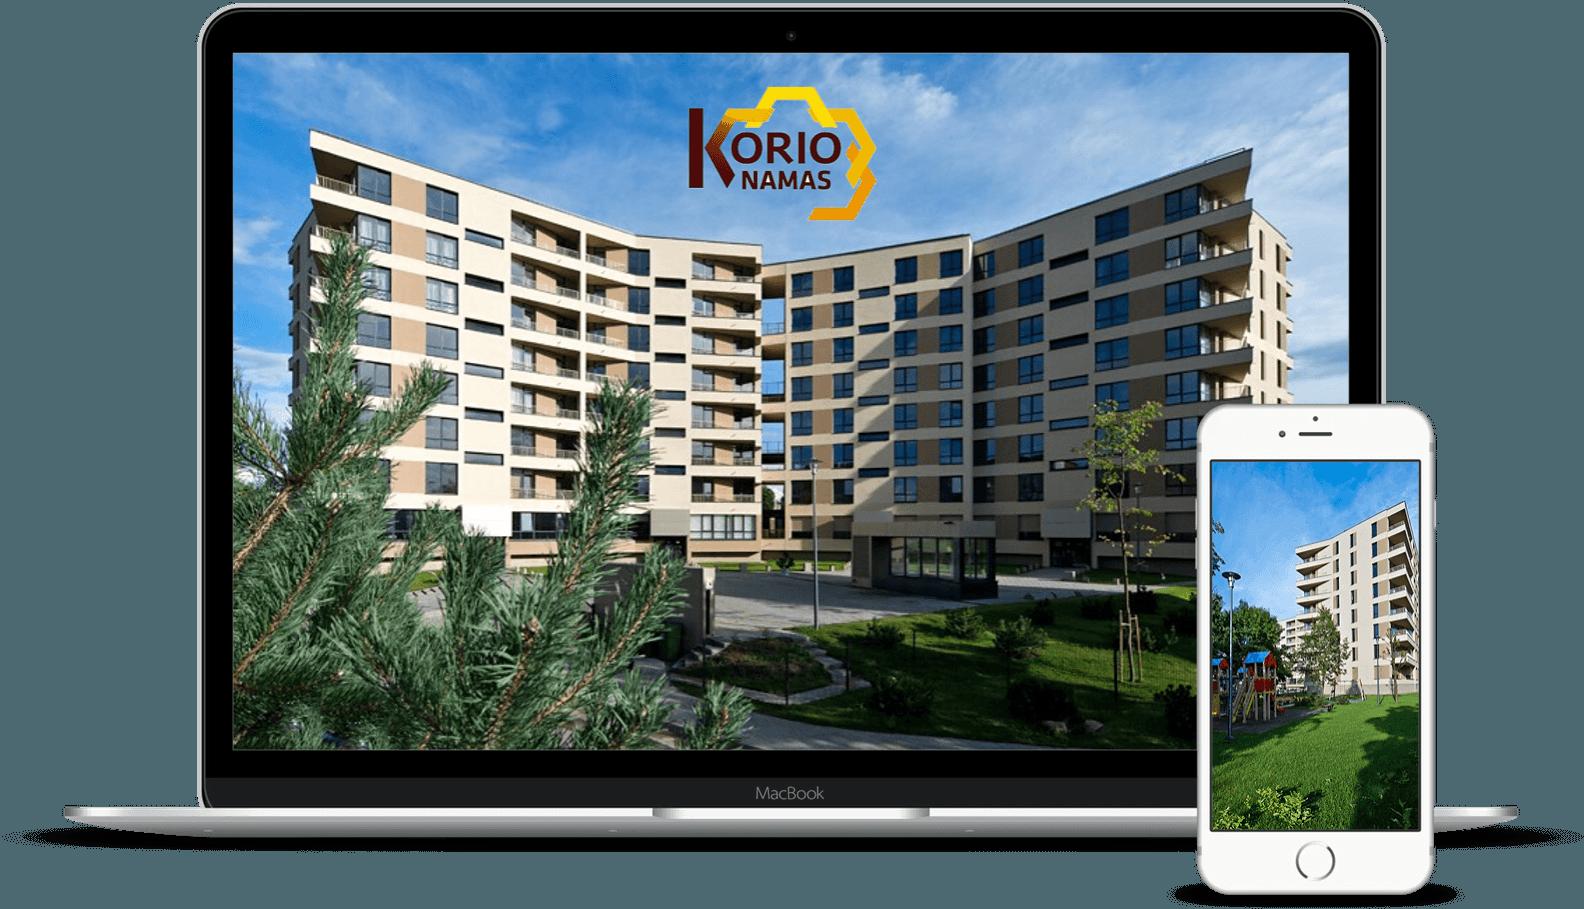 korio-namas-nauji-butai-kaune-chgroupnt-